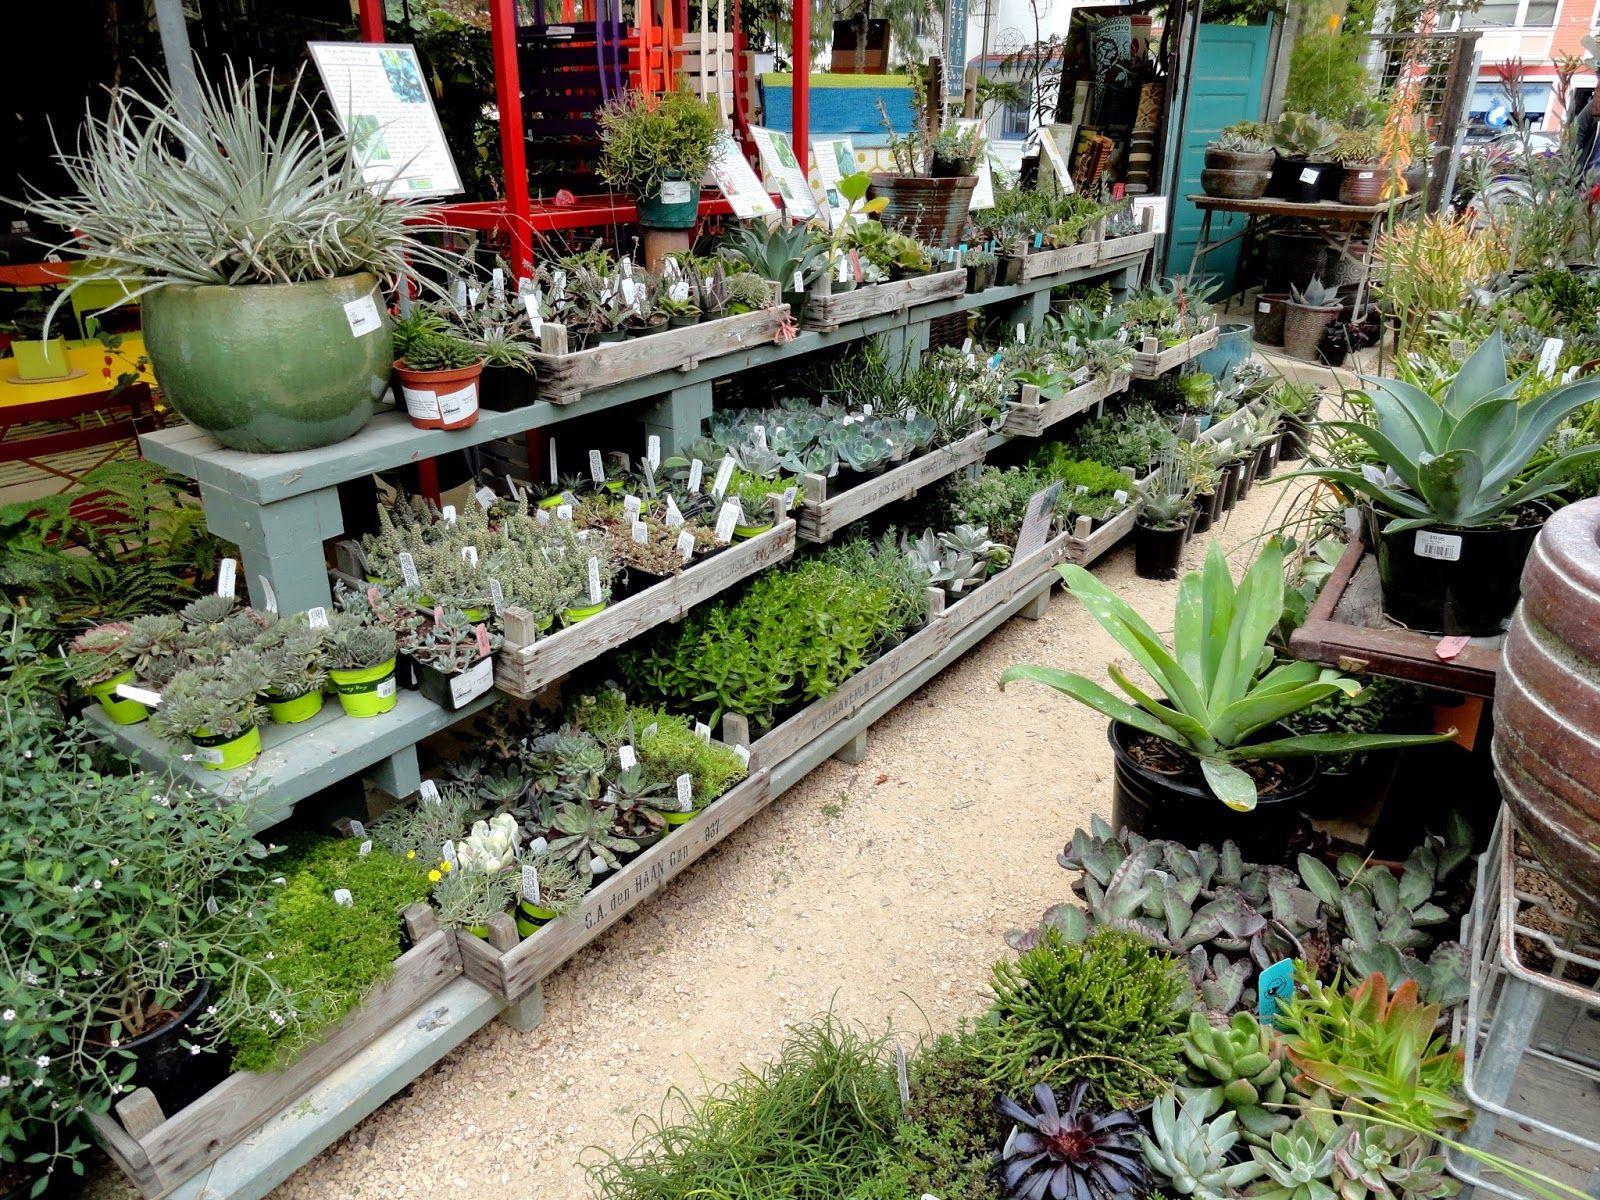 Visiting Flowerland Garden Centre Displays Garden Center